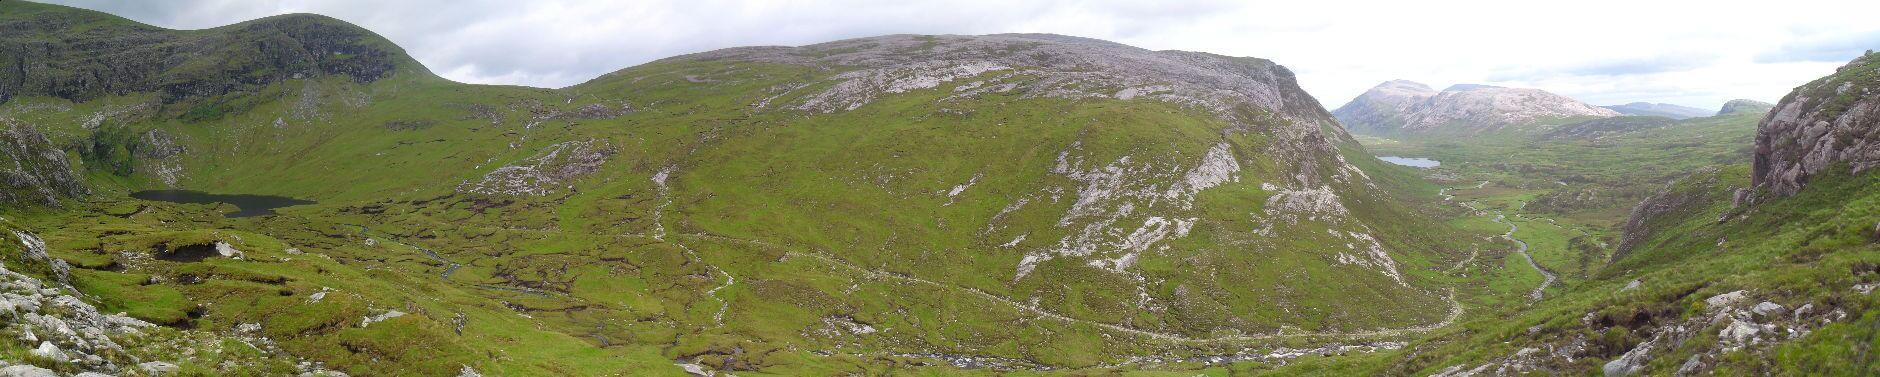 Links <em>An Dubh Loch</em>, rechts <em>Loch Dionard</em>. 13FM ist dieses Tal auf dem erkennbaren Weg runtergefahren. Der hört aber 1km vor <em>Loch Dionard</em> auf und ab da ist es üble Moorstapferei bis zum anderen Ende des Lochs. Mein Weg führt mich aber über den niedrigen Pass rechts über dem Karsee